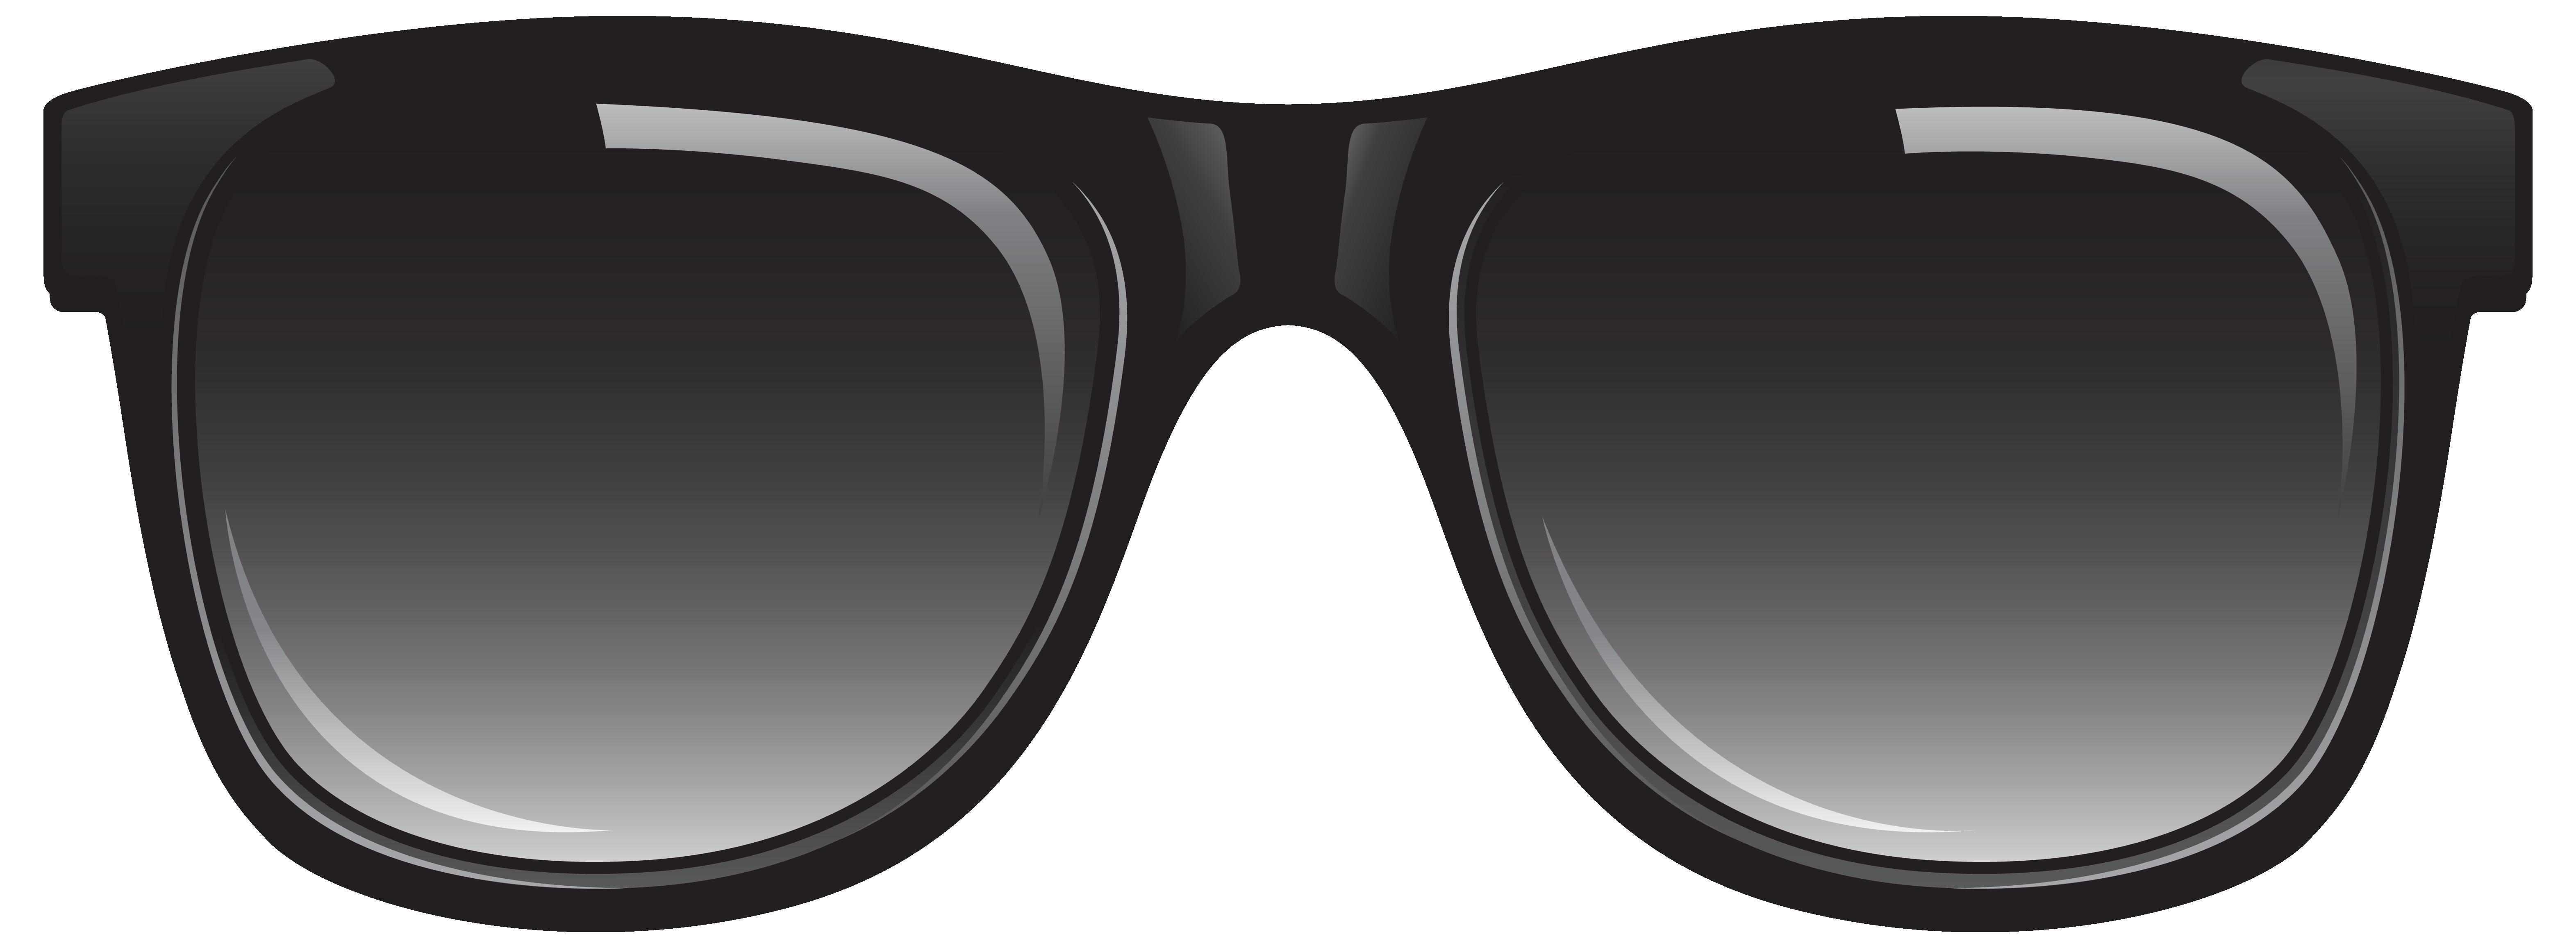 Glasses PNG - 13764